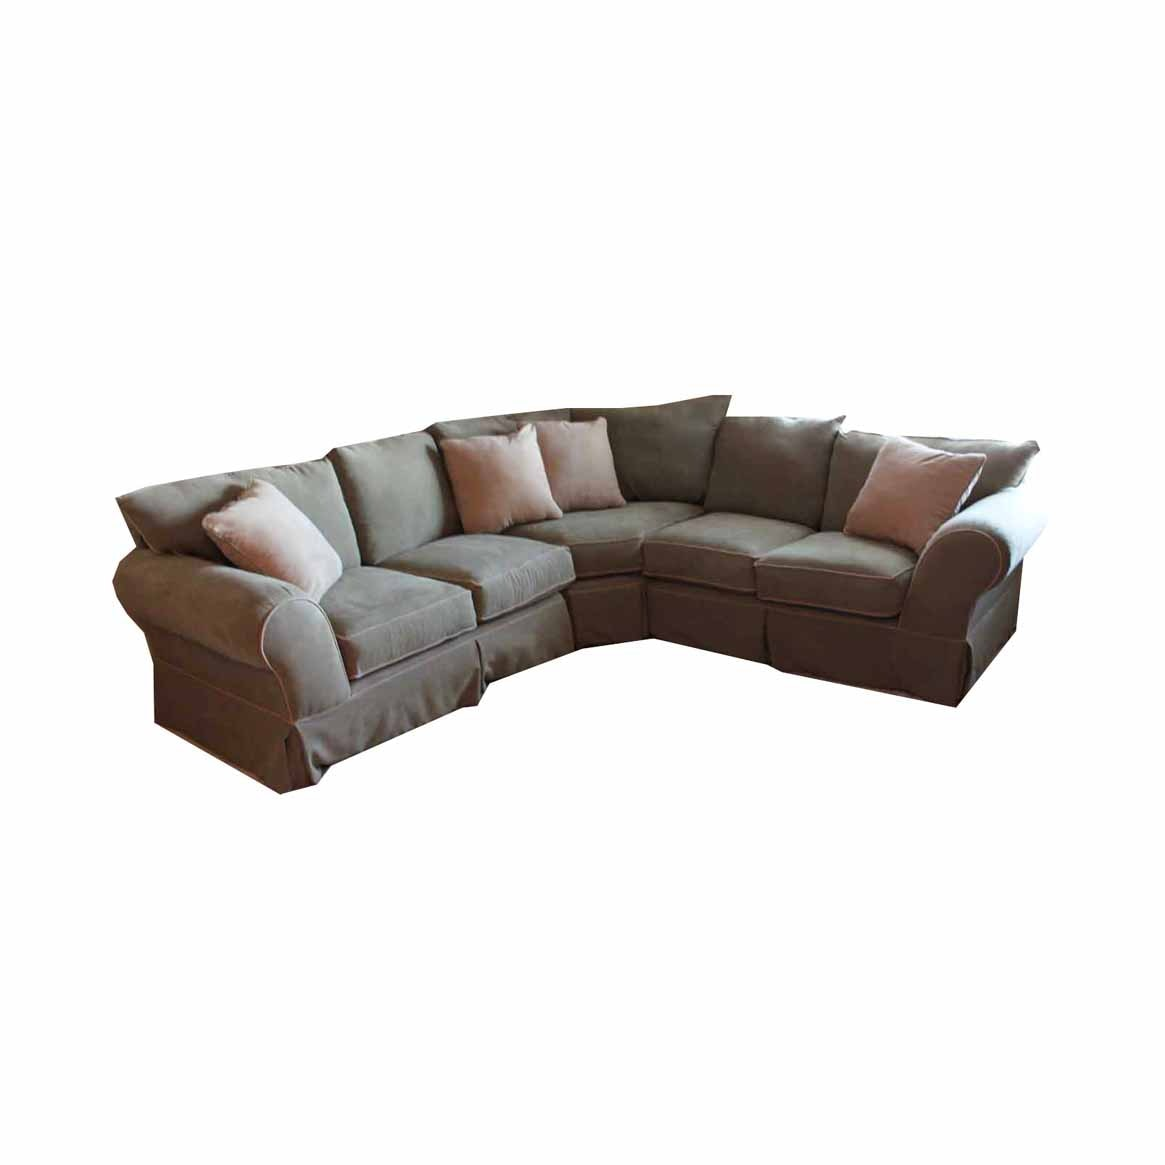 sofa express sectional sofa ebth rh ebth com Sectional Sofa Bed Dimensions IKEA Sectional